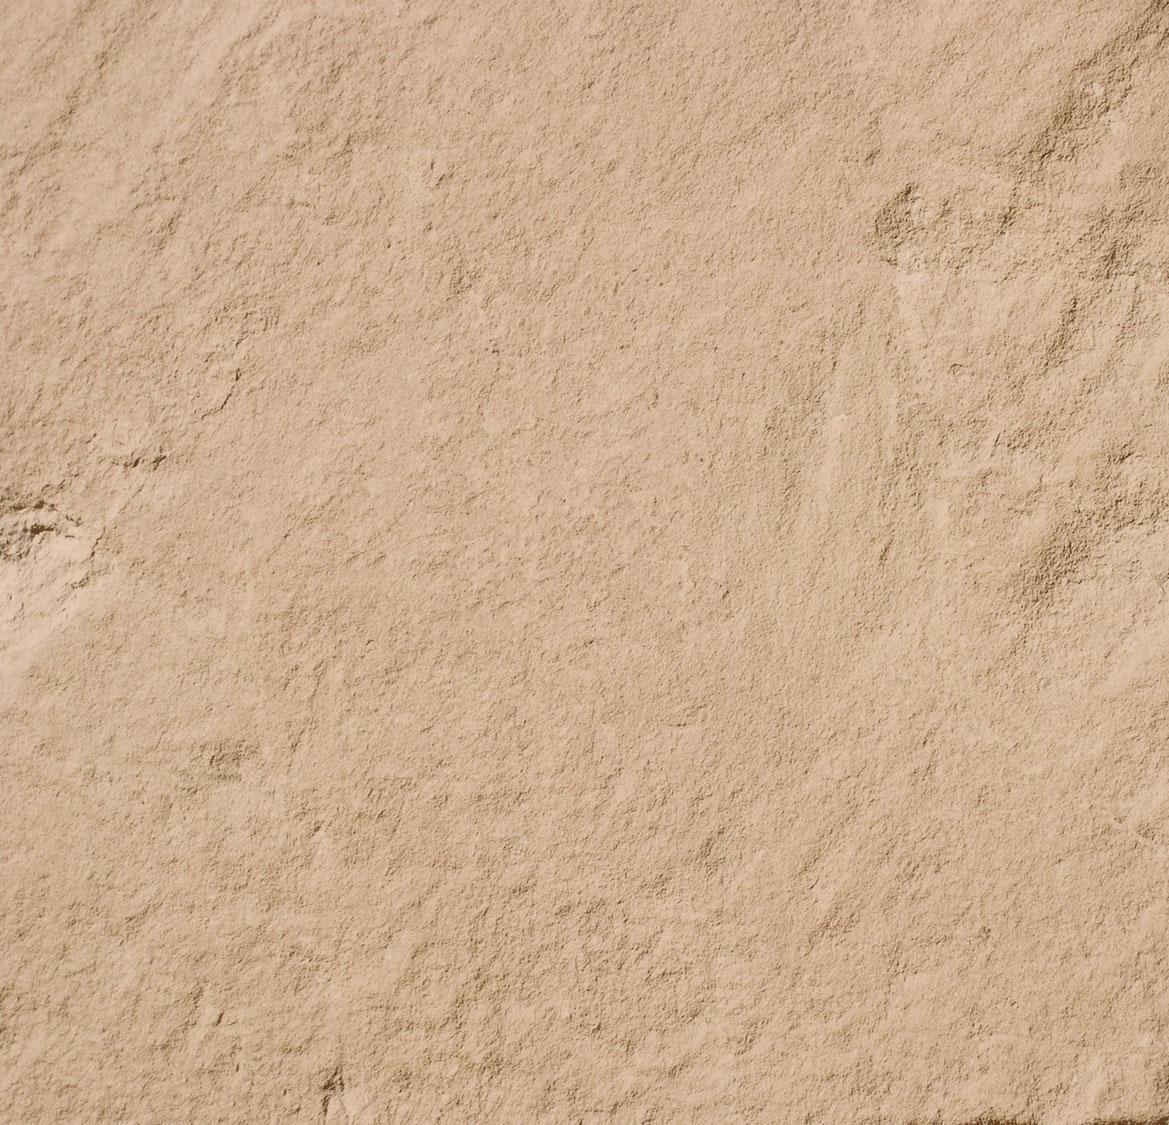 sandstone_bkgrnd